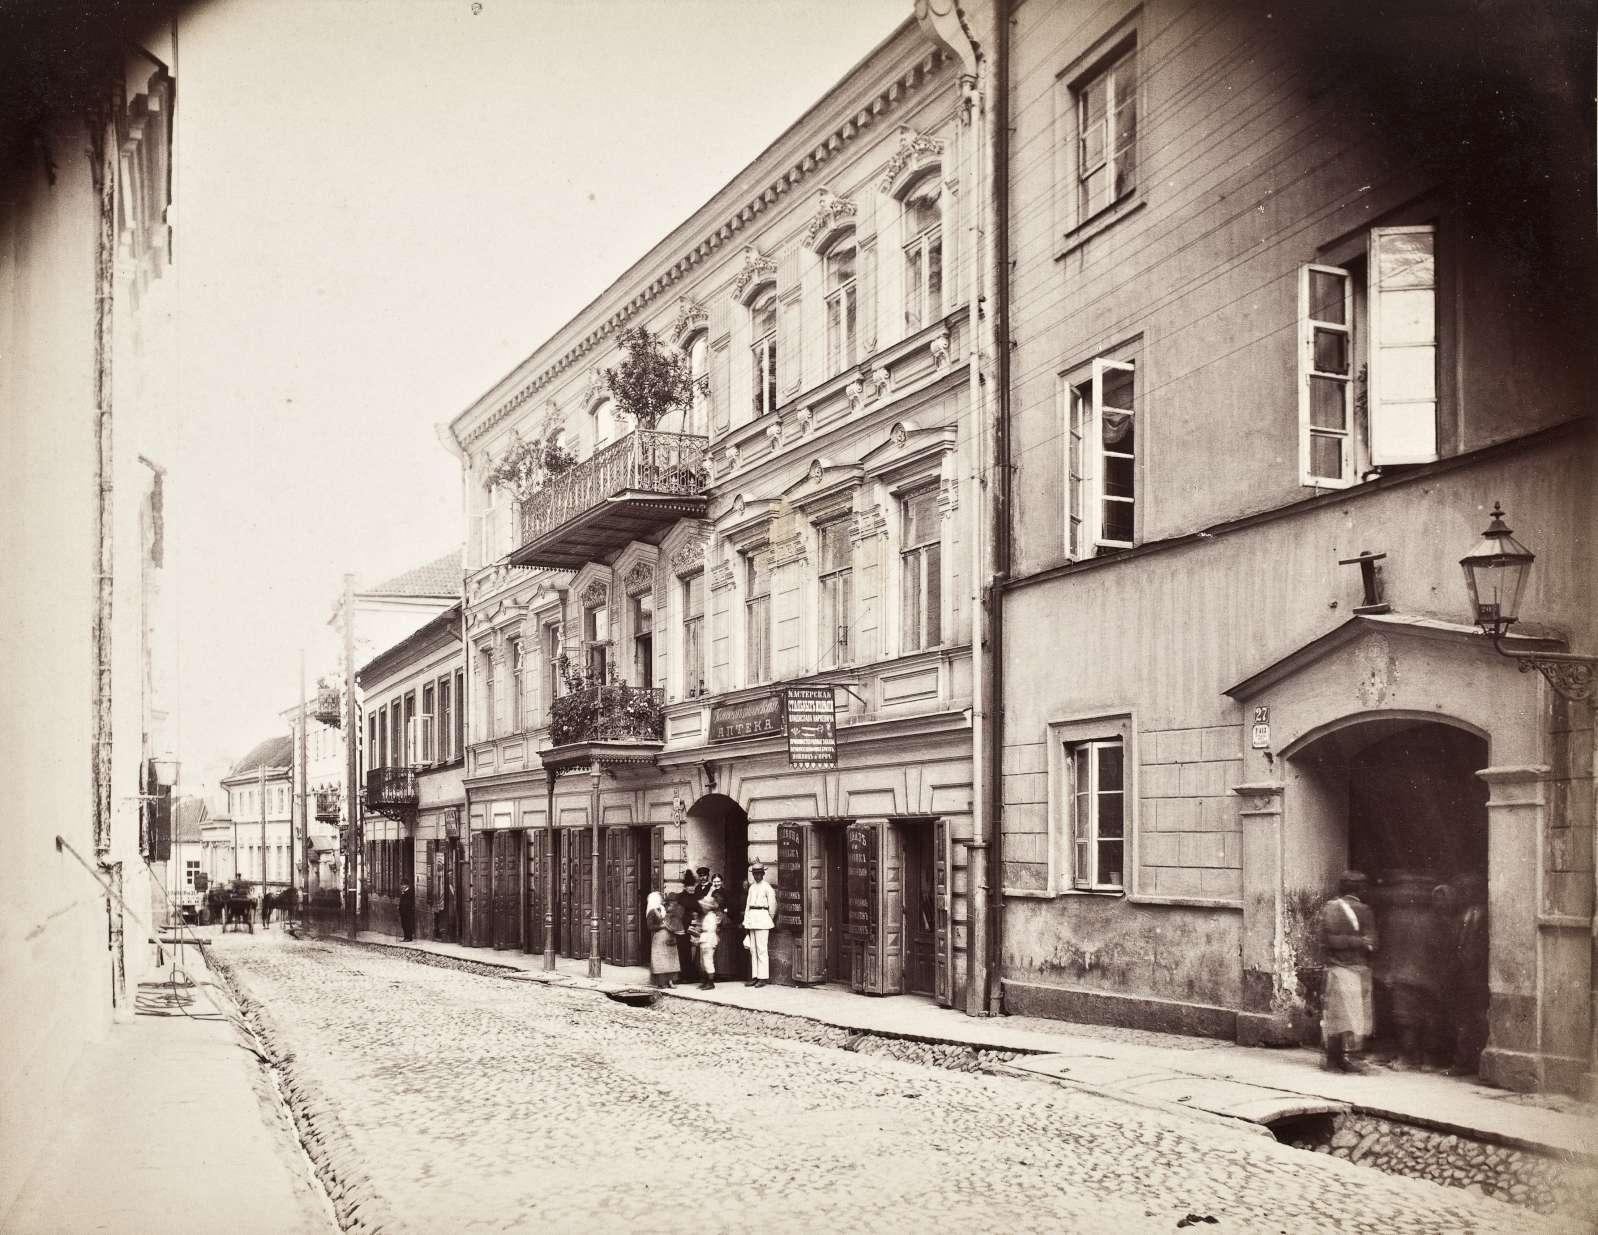 Vilniaus Dominikonų gatvė | J. Čechavičiaus nuotr.